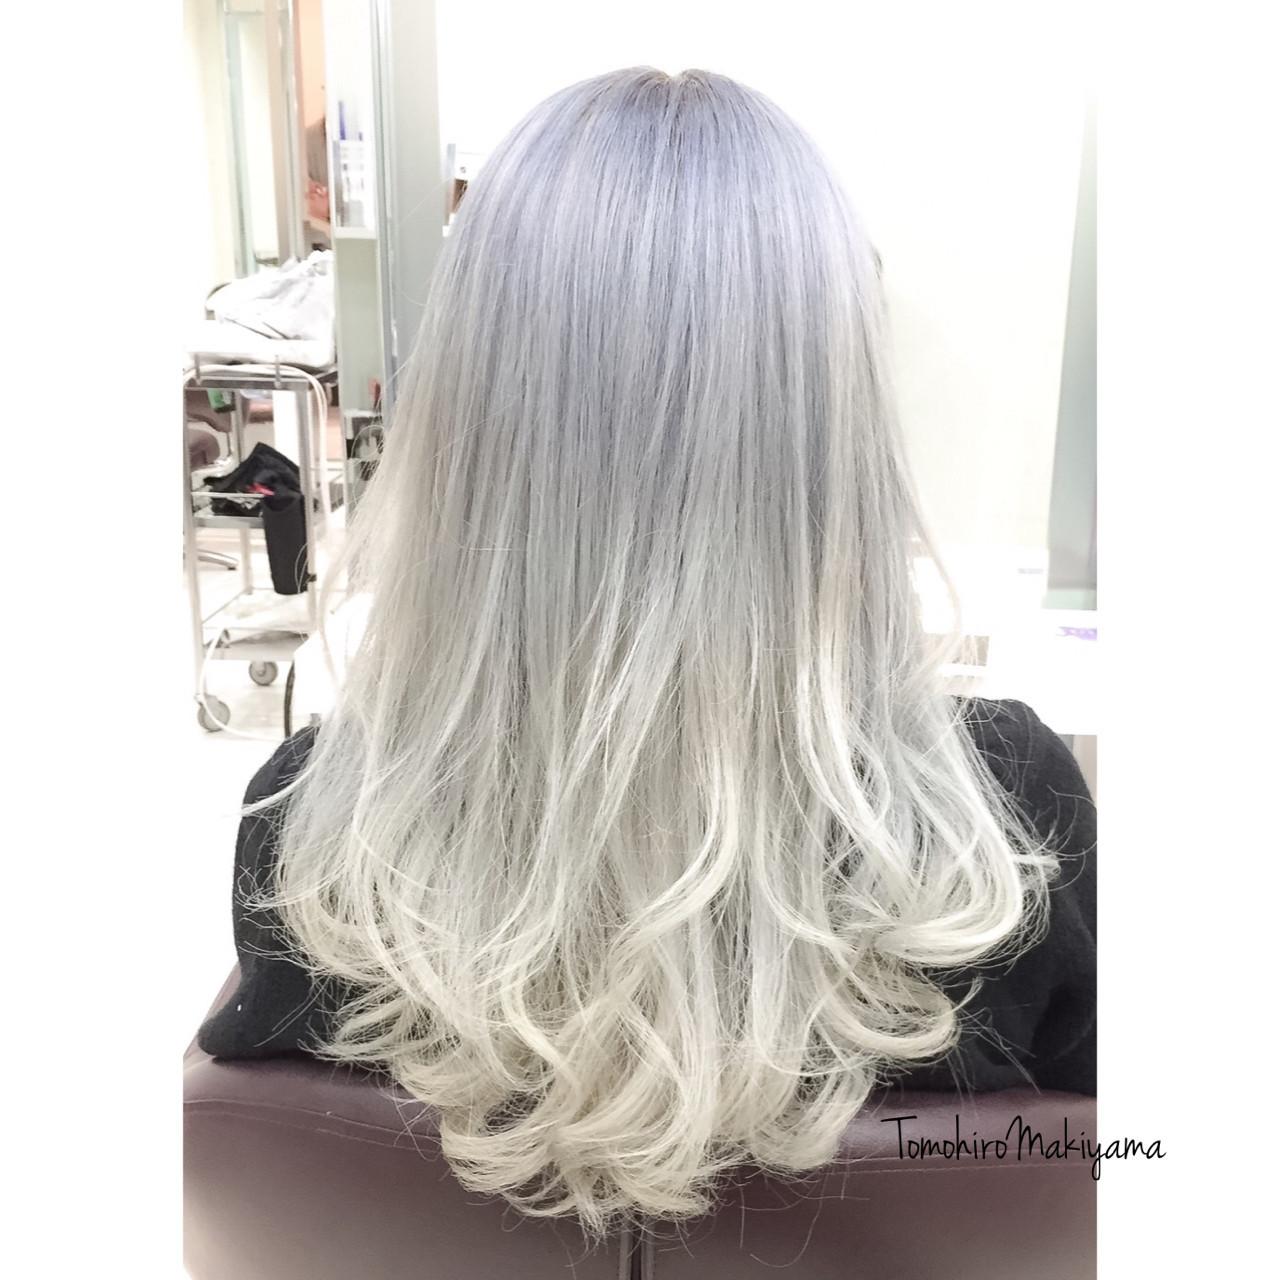 ブリーチ ホワイト ストリート ホワイトアッシュ ヘアスタイルや髪型の写真・画像